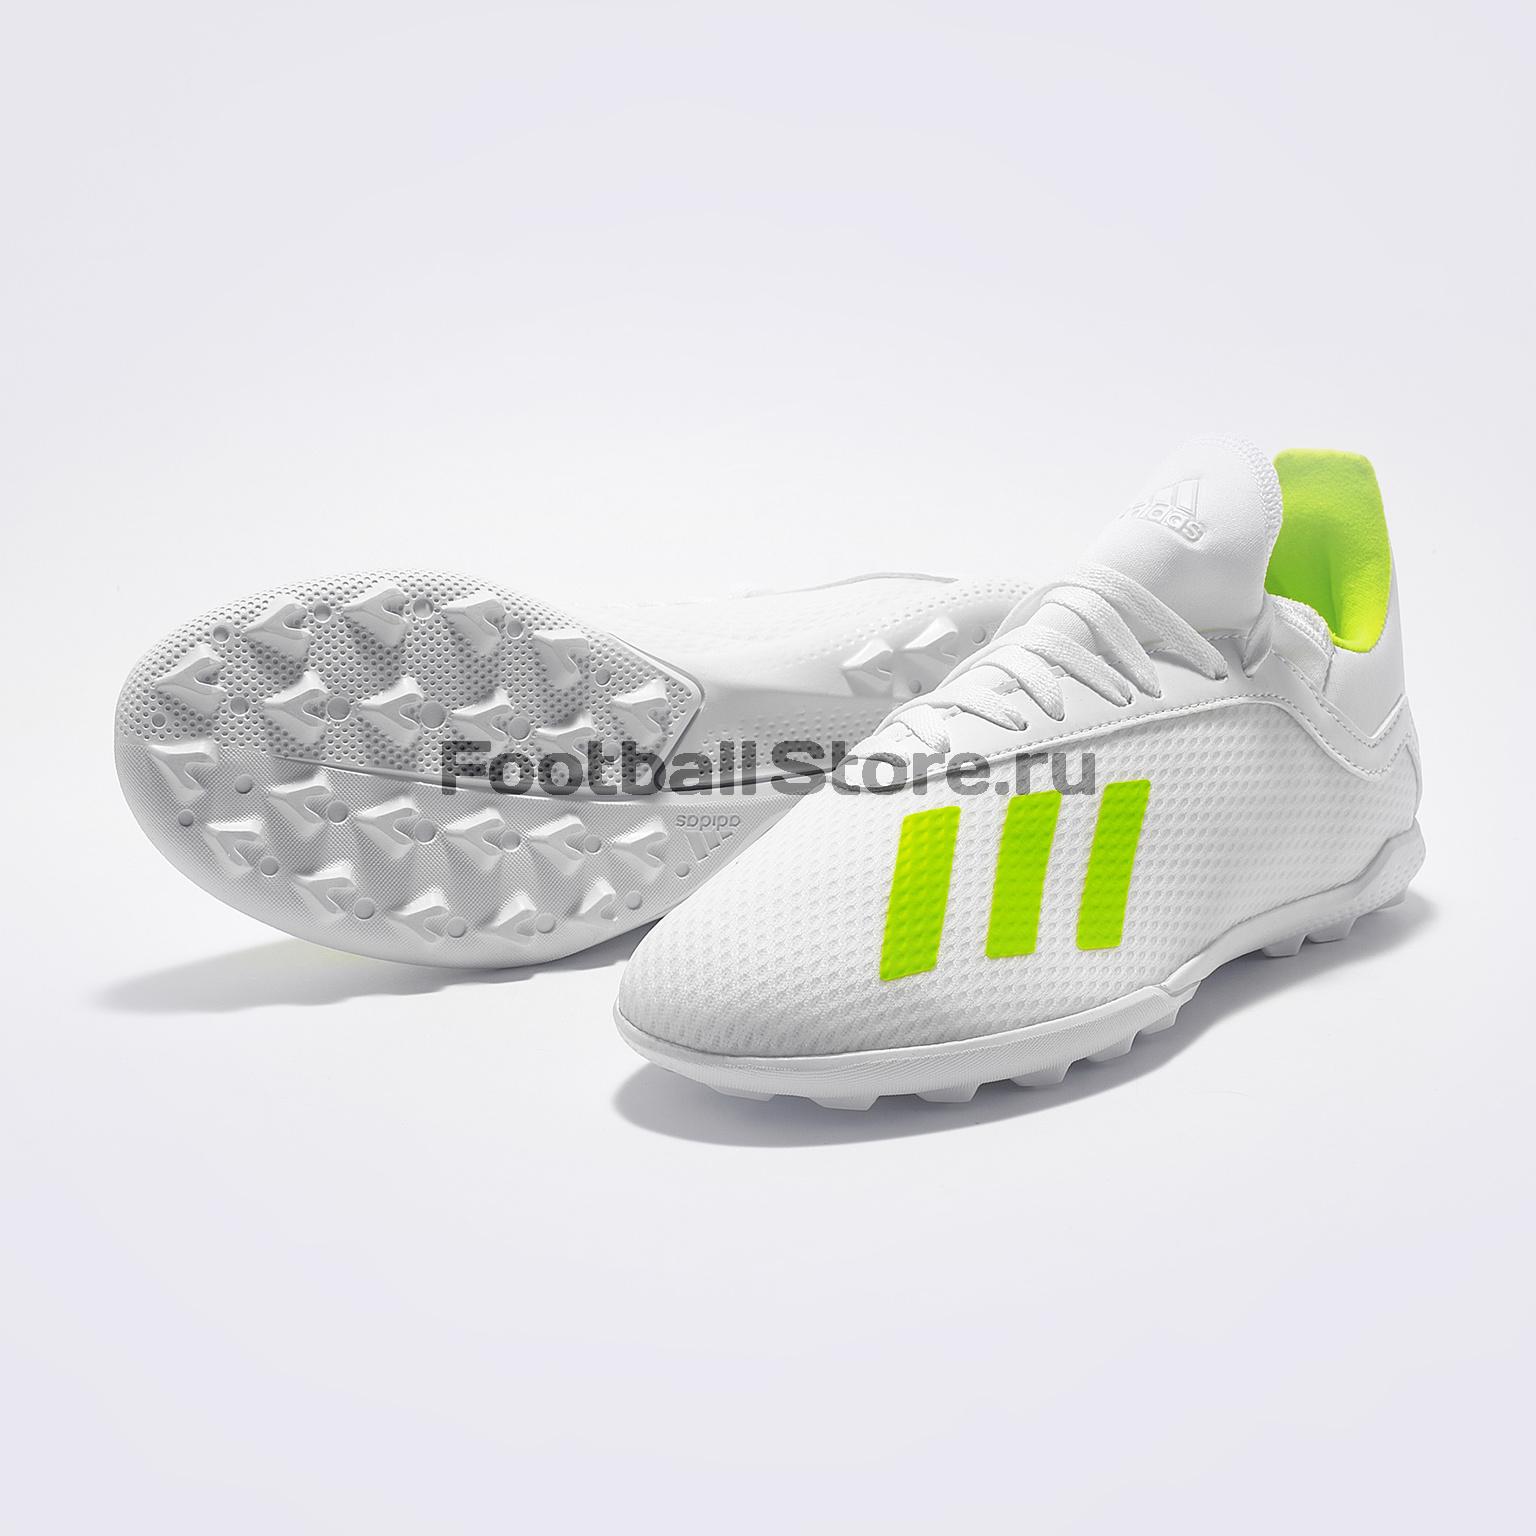 Шиповки детские Adidas X 18.3 TF BB9404